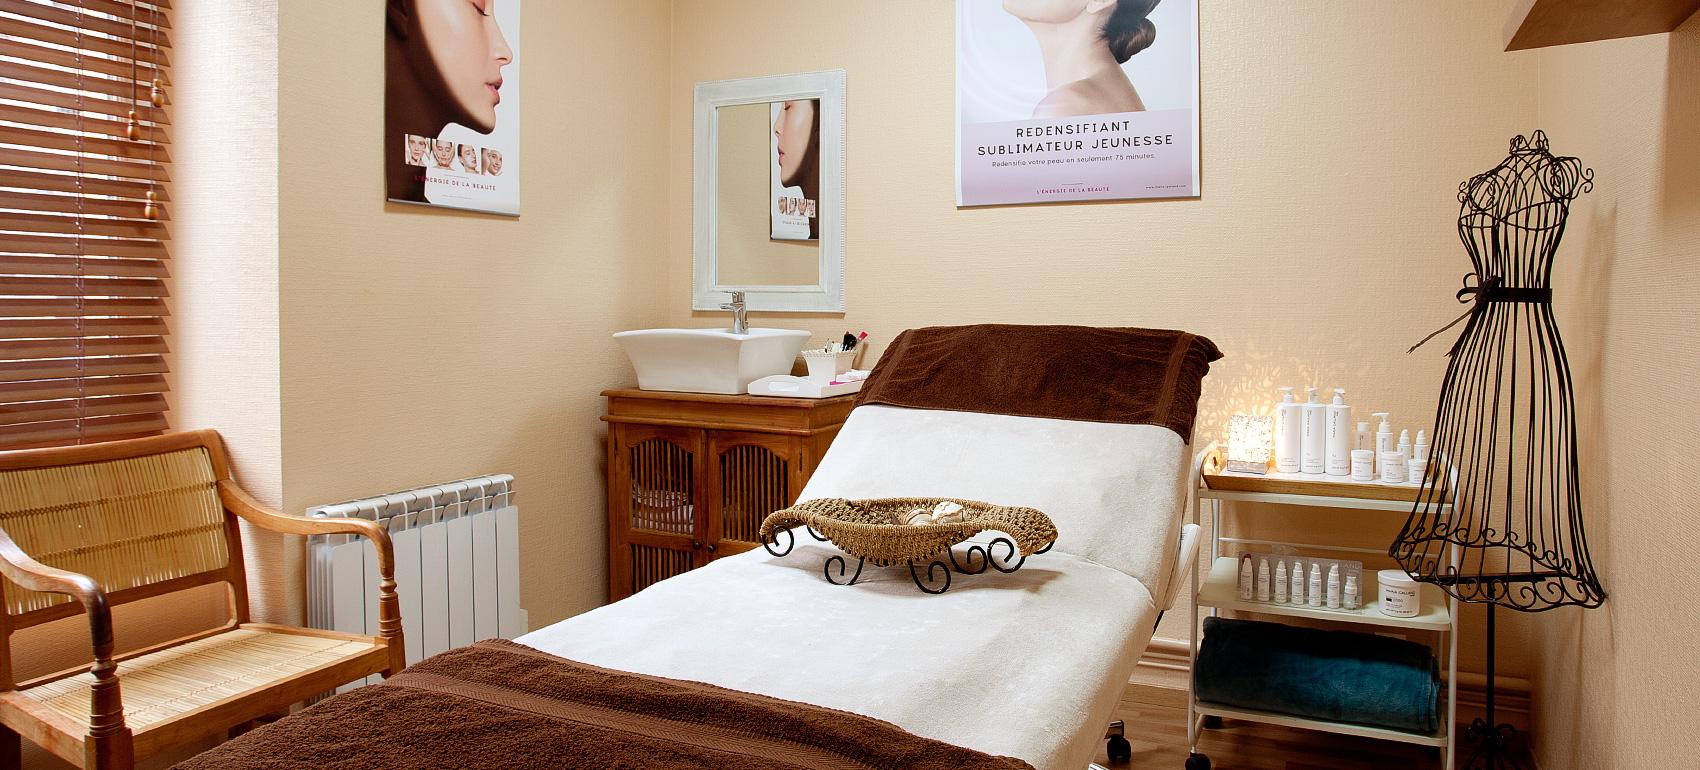 Centre de beauté relaxation